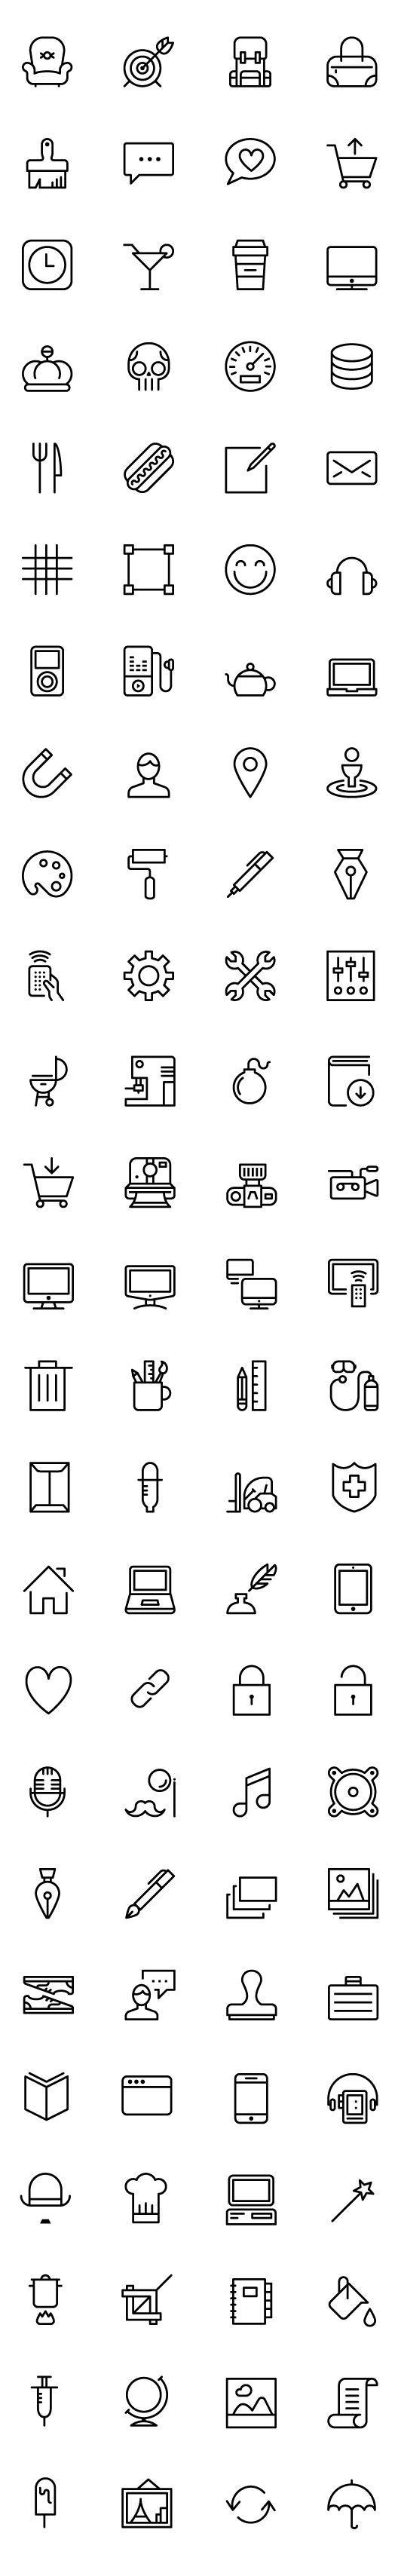 iOS 아이콘 디자인소스 100개 AI